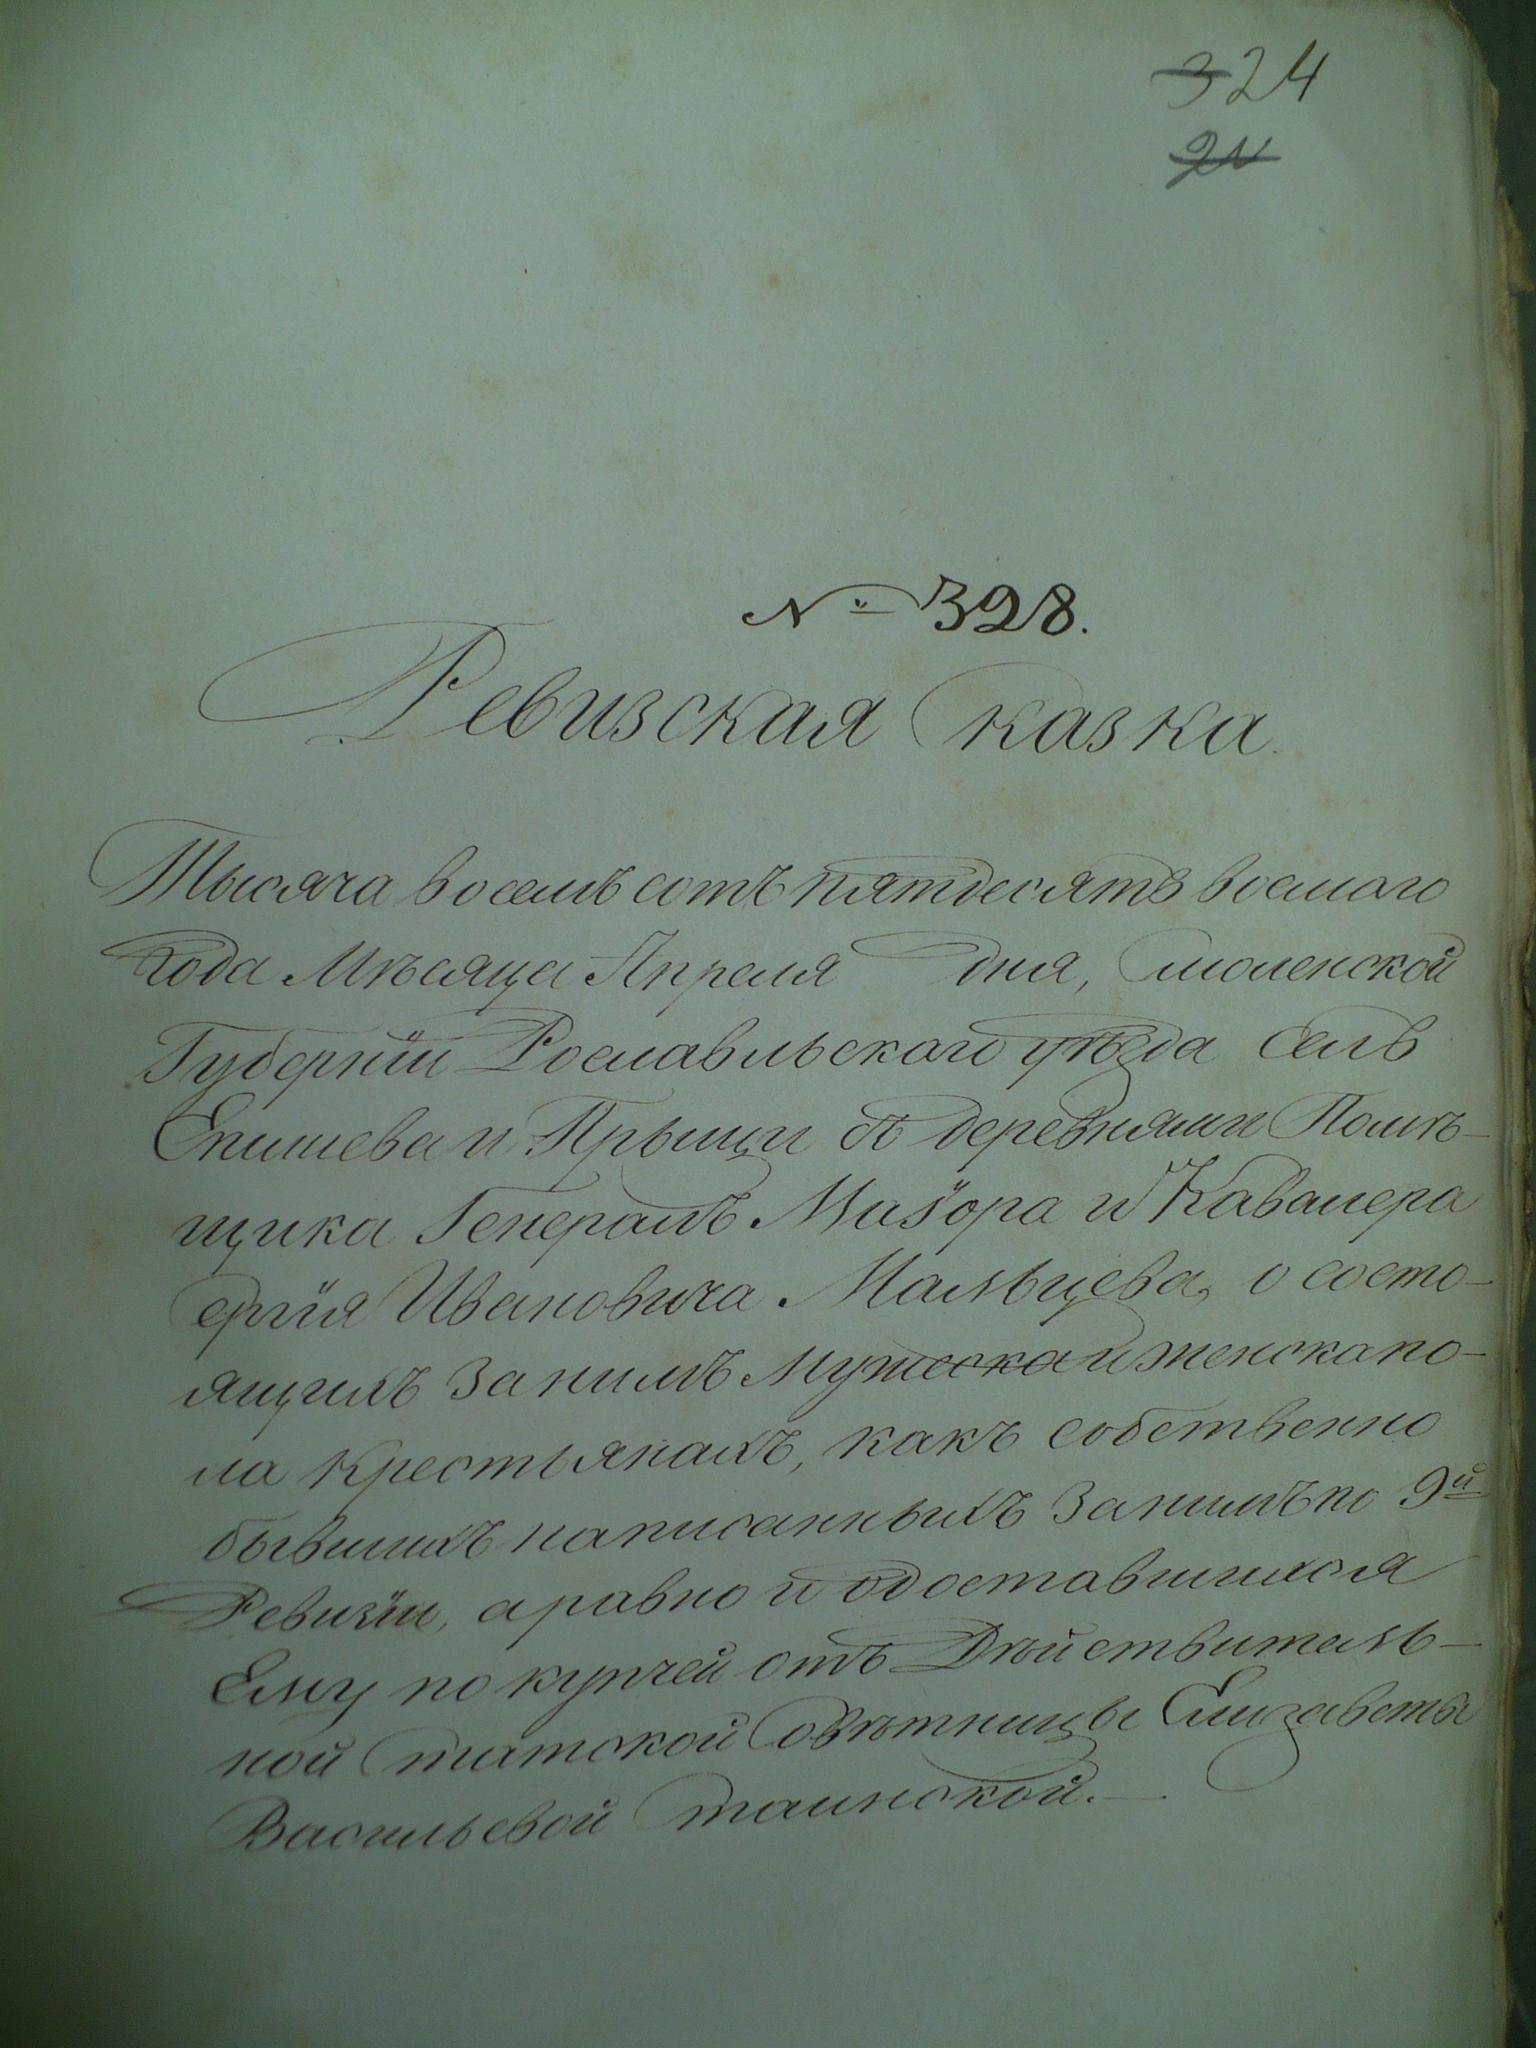 Ф.10,оп.5,д.405 (1858 год),л.24